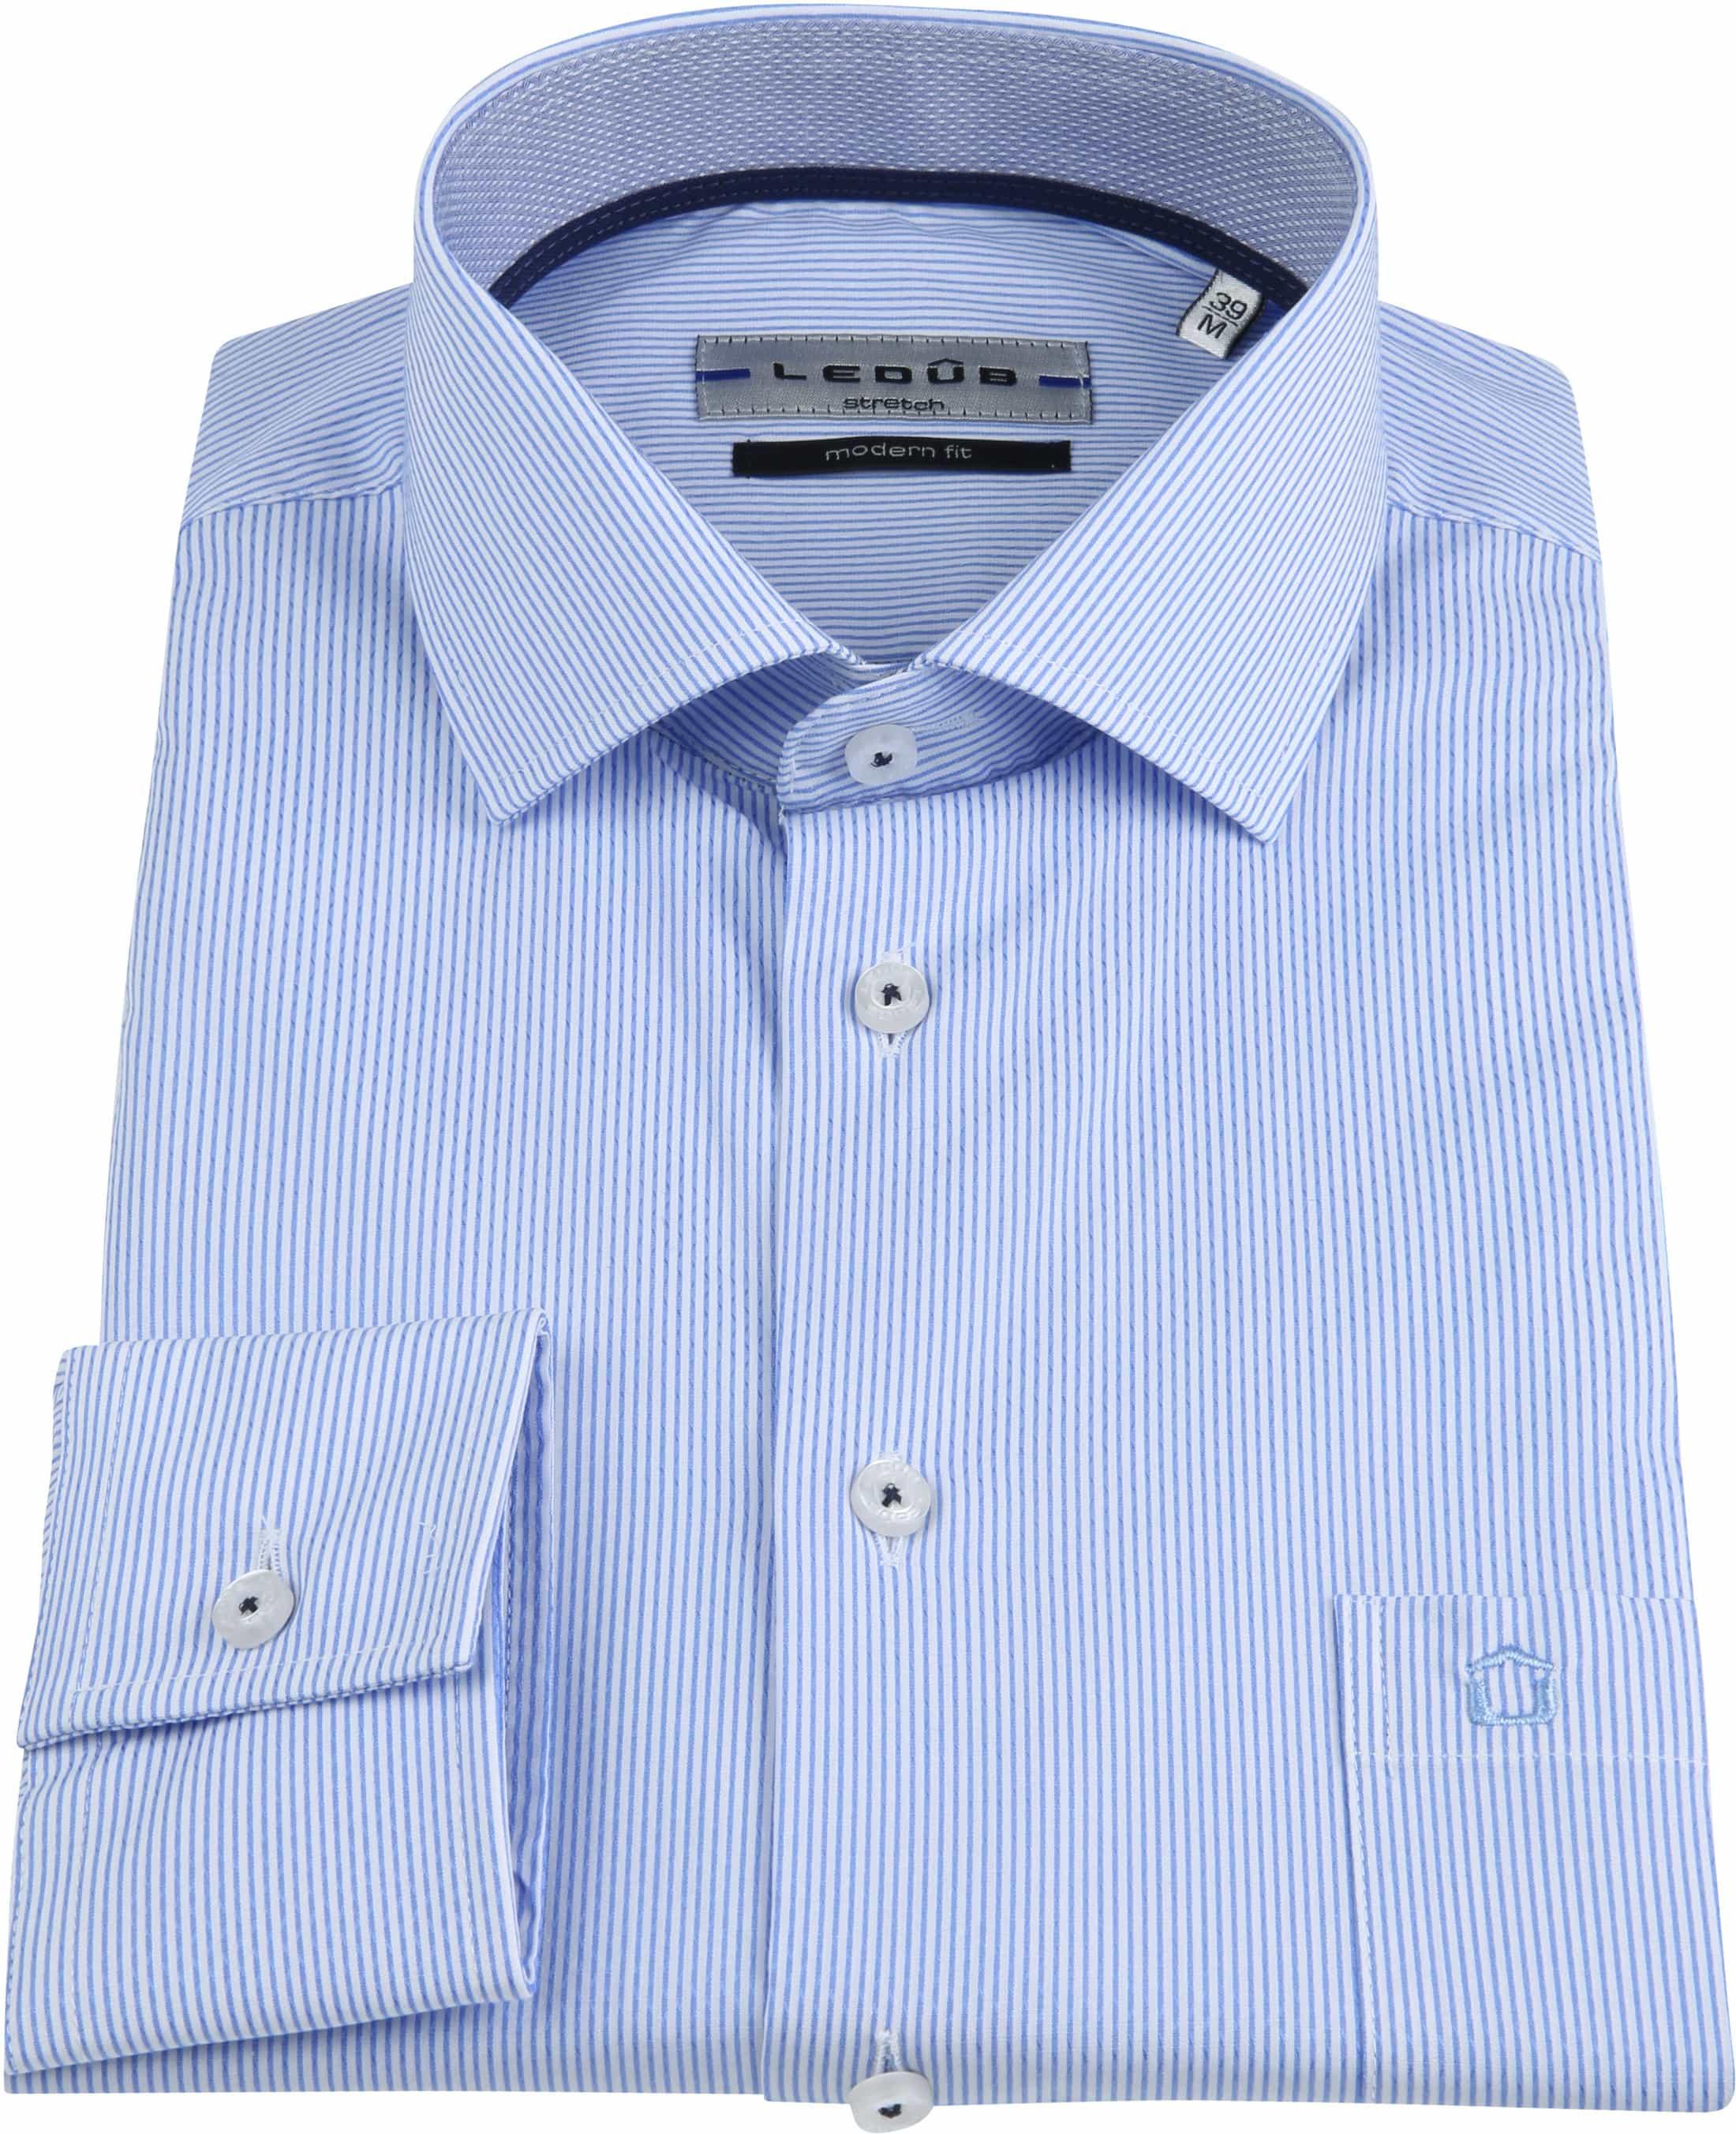 Ledub Overhemd Stretch Streep Blauw foto 2